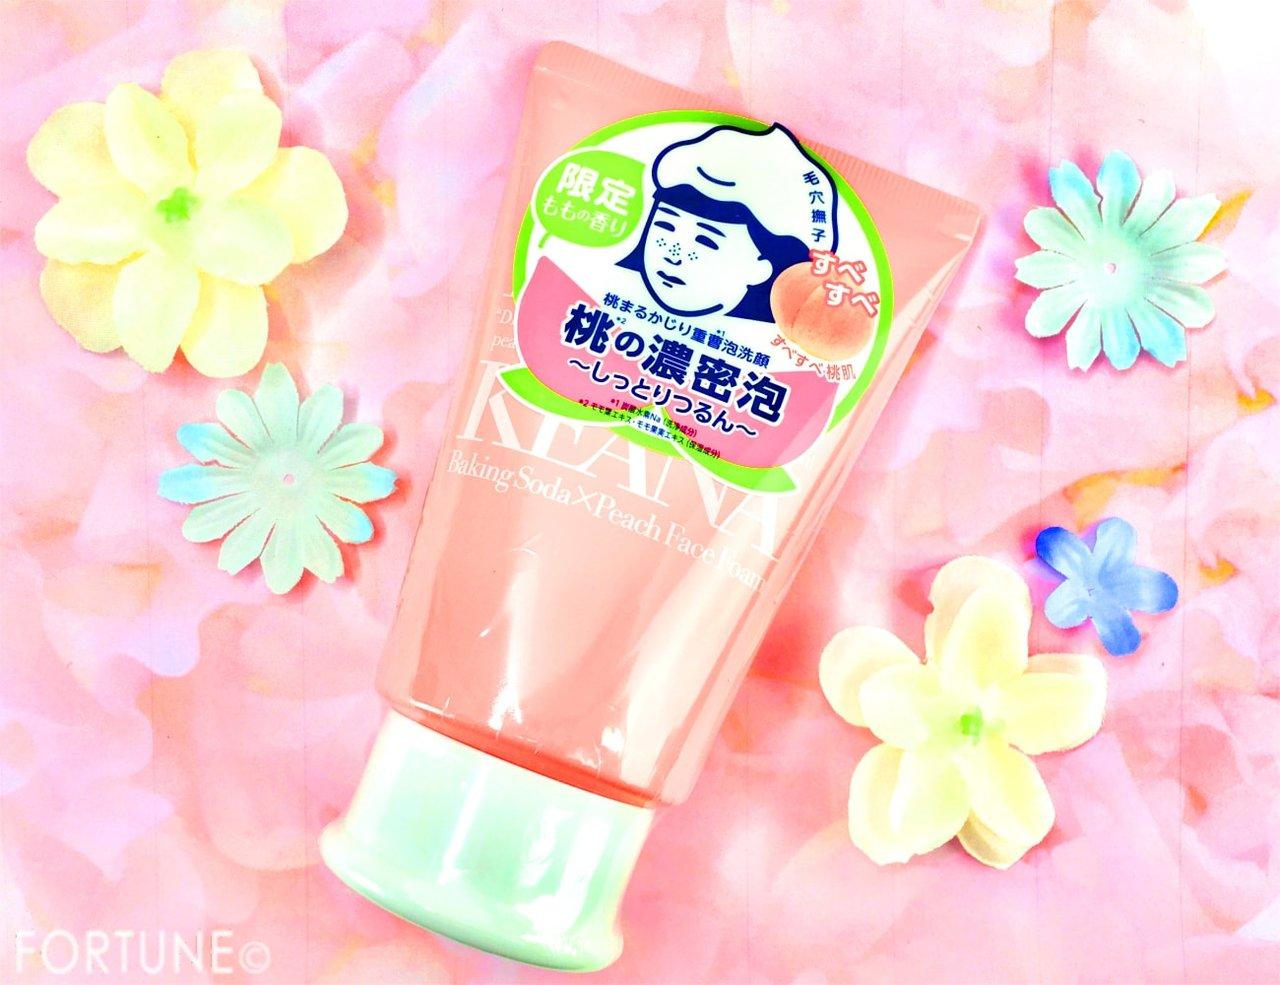 石澤研究所 毛穴撫子 桃まるかじり重曹泡洗顔